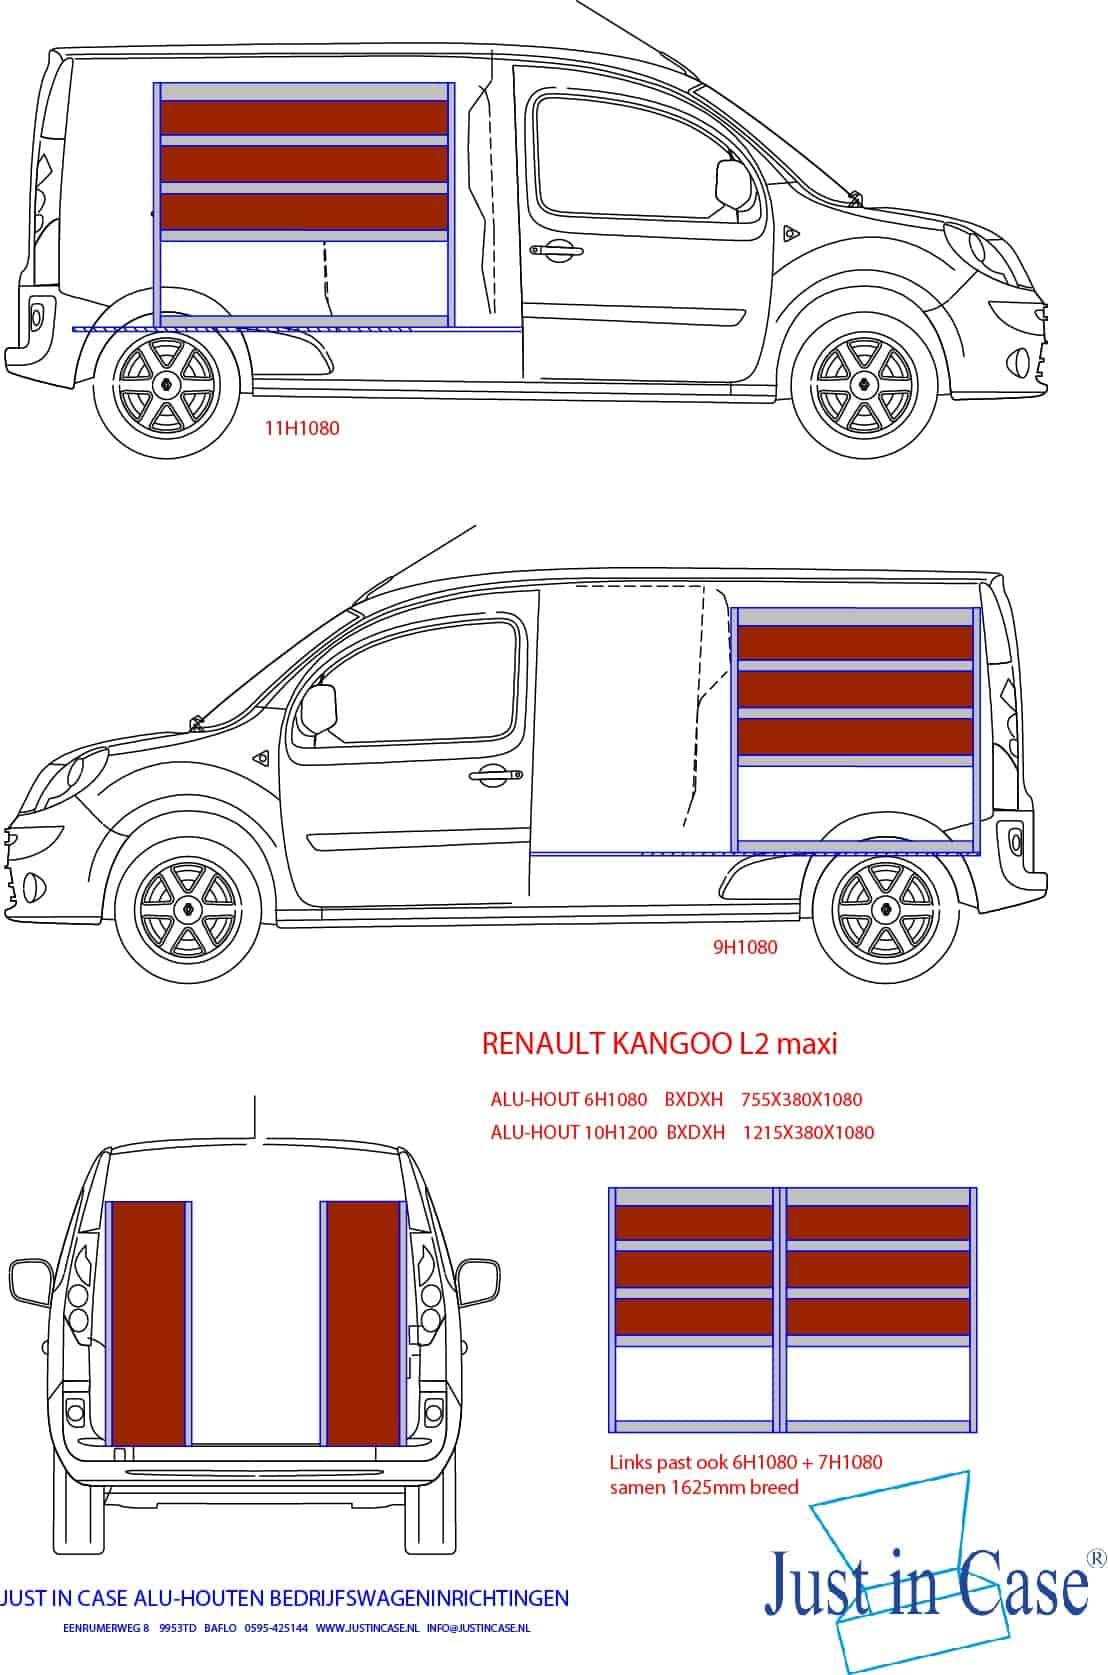 Renault Kangoo (L2) schets bedrijfswageninrichting